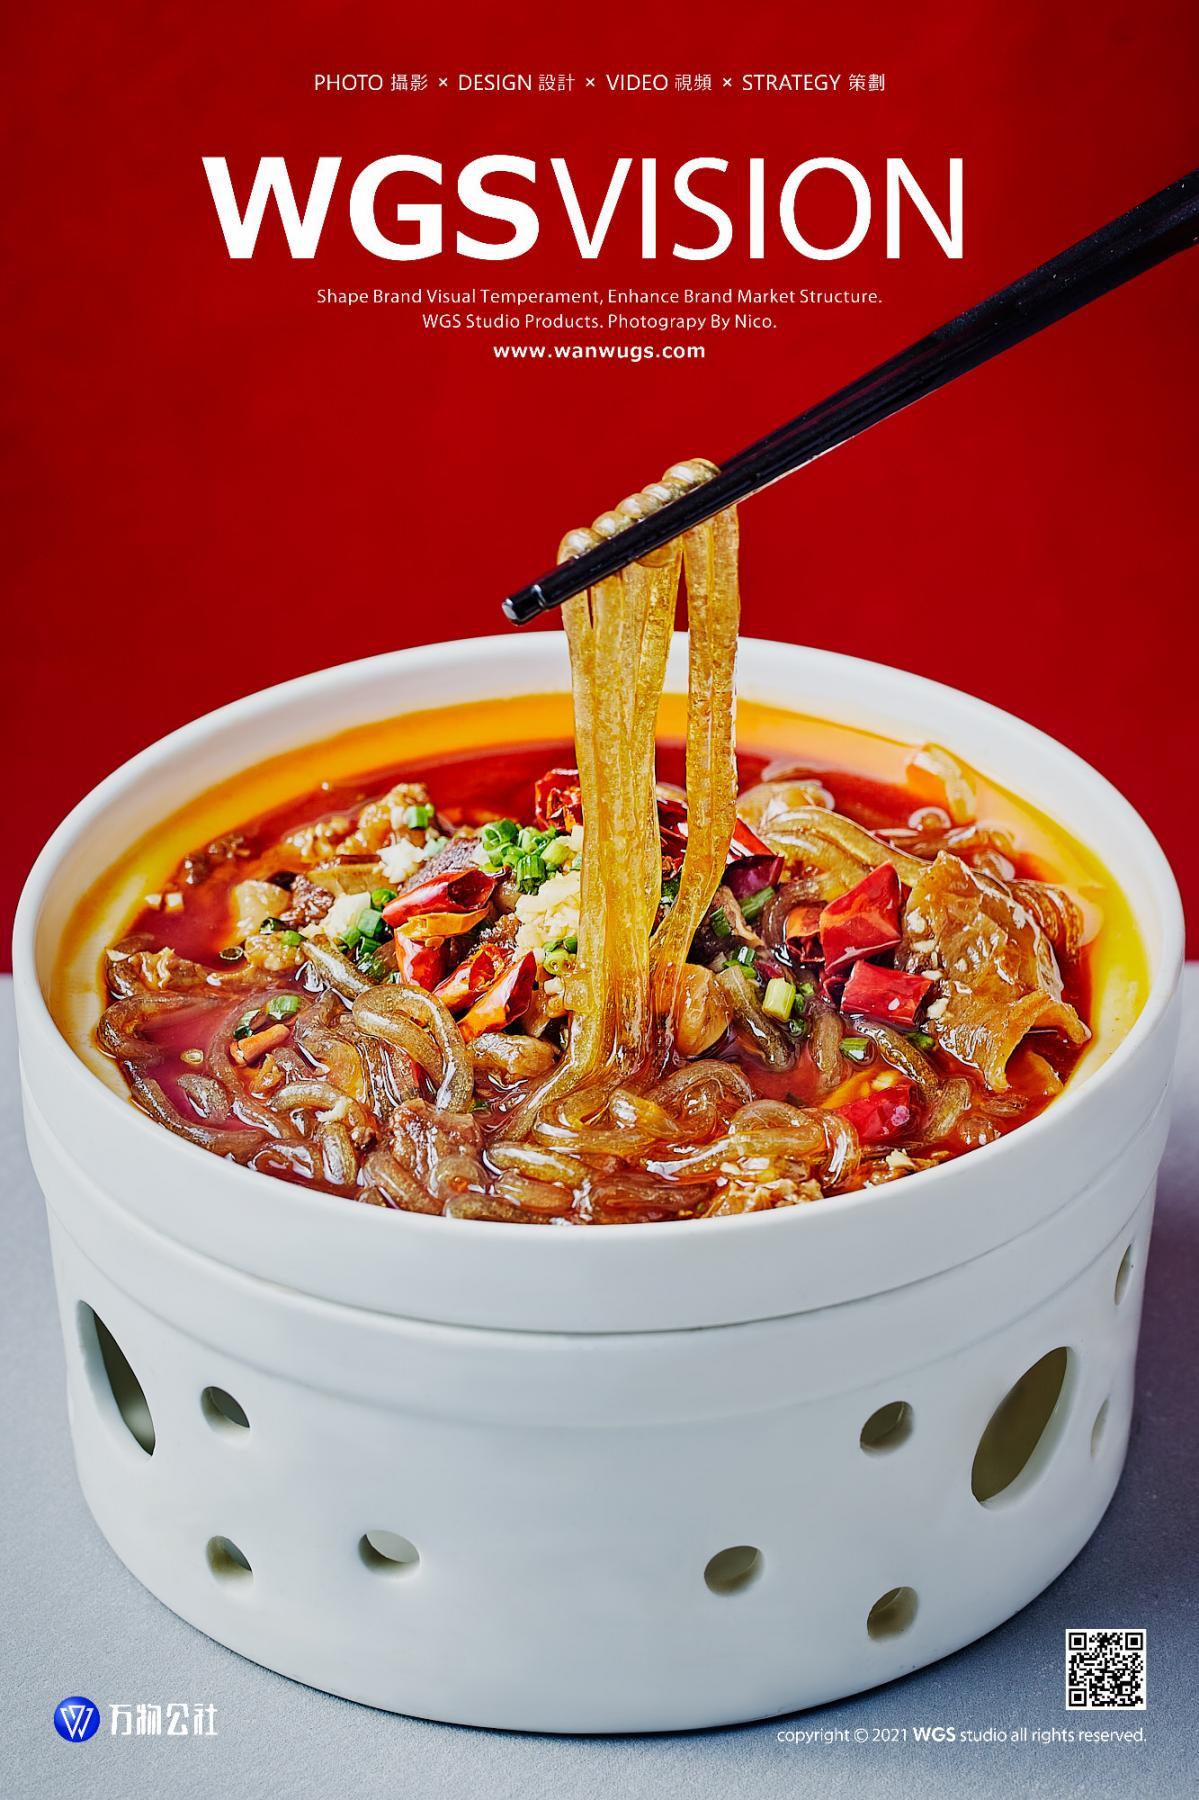 红色背景及简风美食摄影